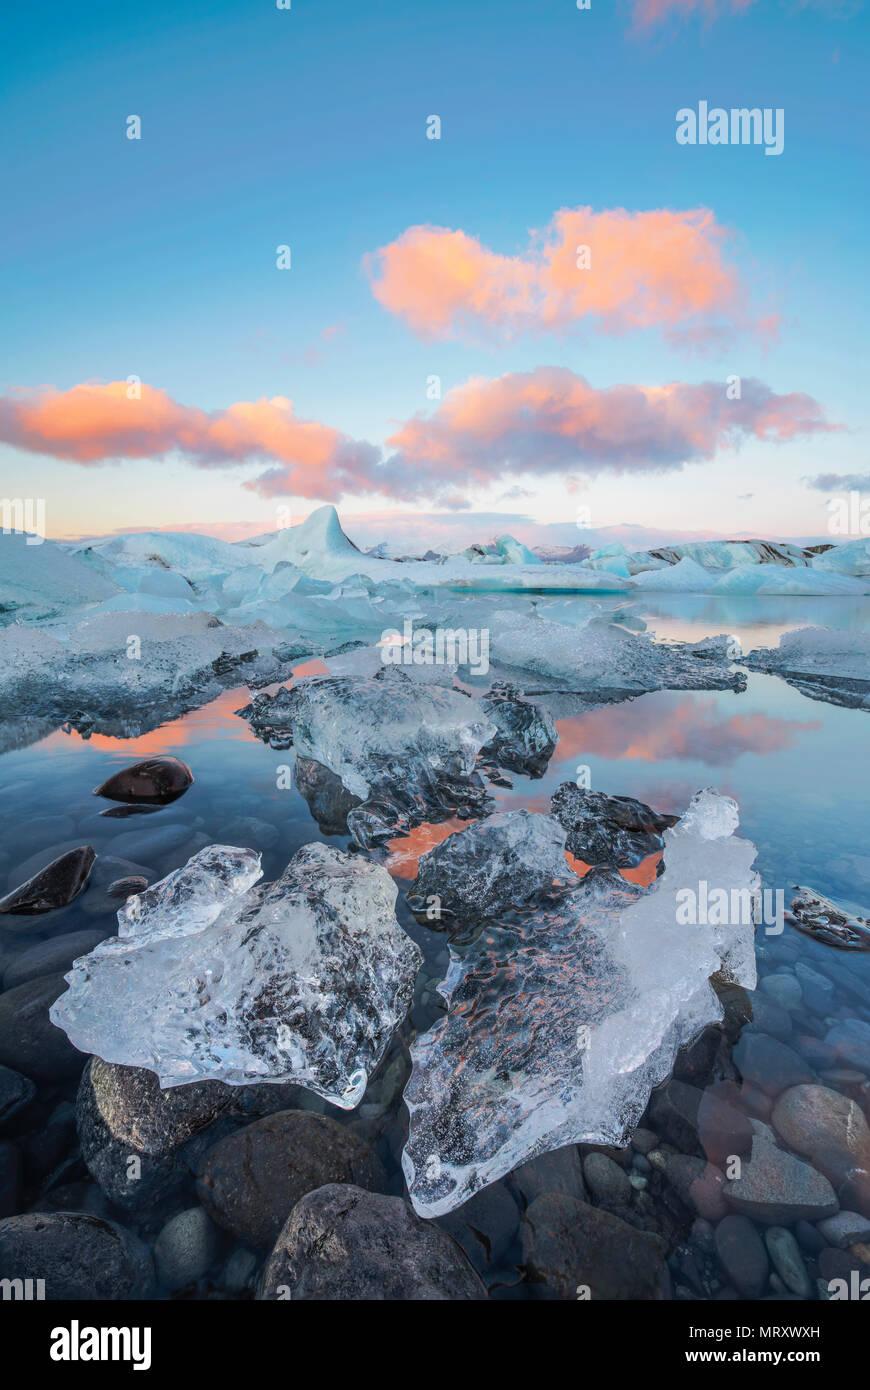 L'Est, l'Islande, l'Islande, le nord de l'Europe. L'emblématique peu icebergs dans la lagune bordée de glaciers au cours d'un lever du soleil Banque D'Images